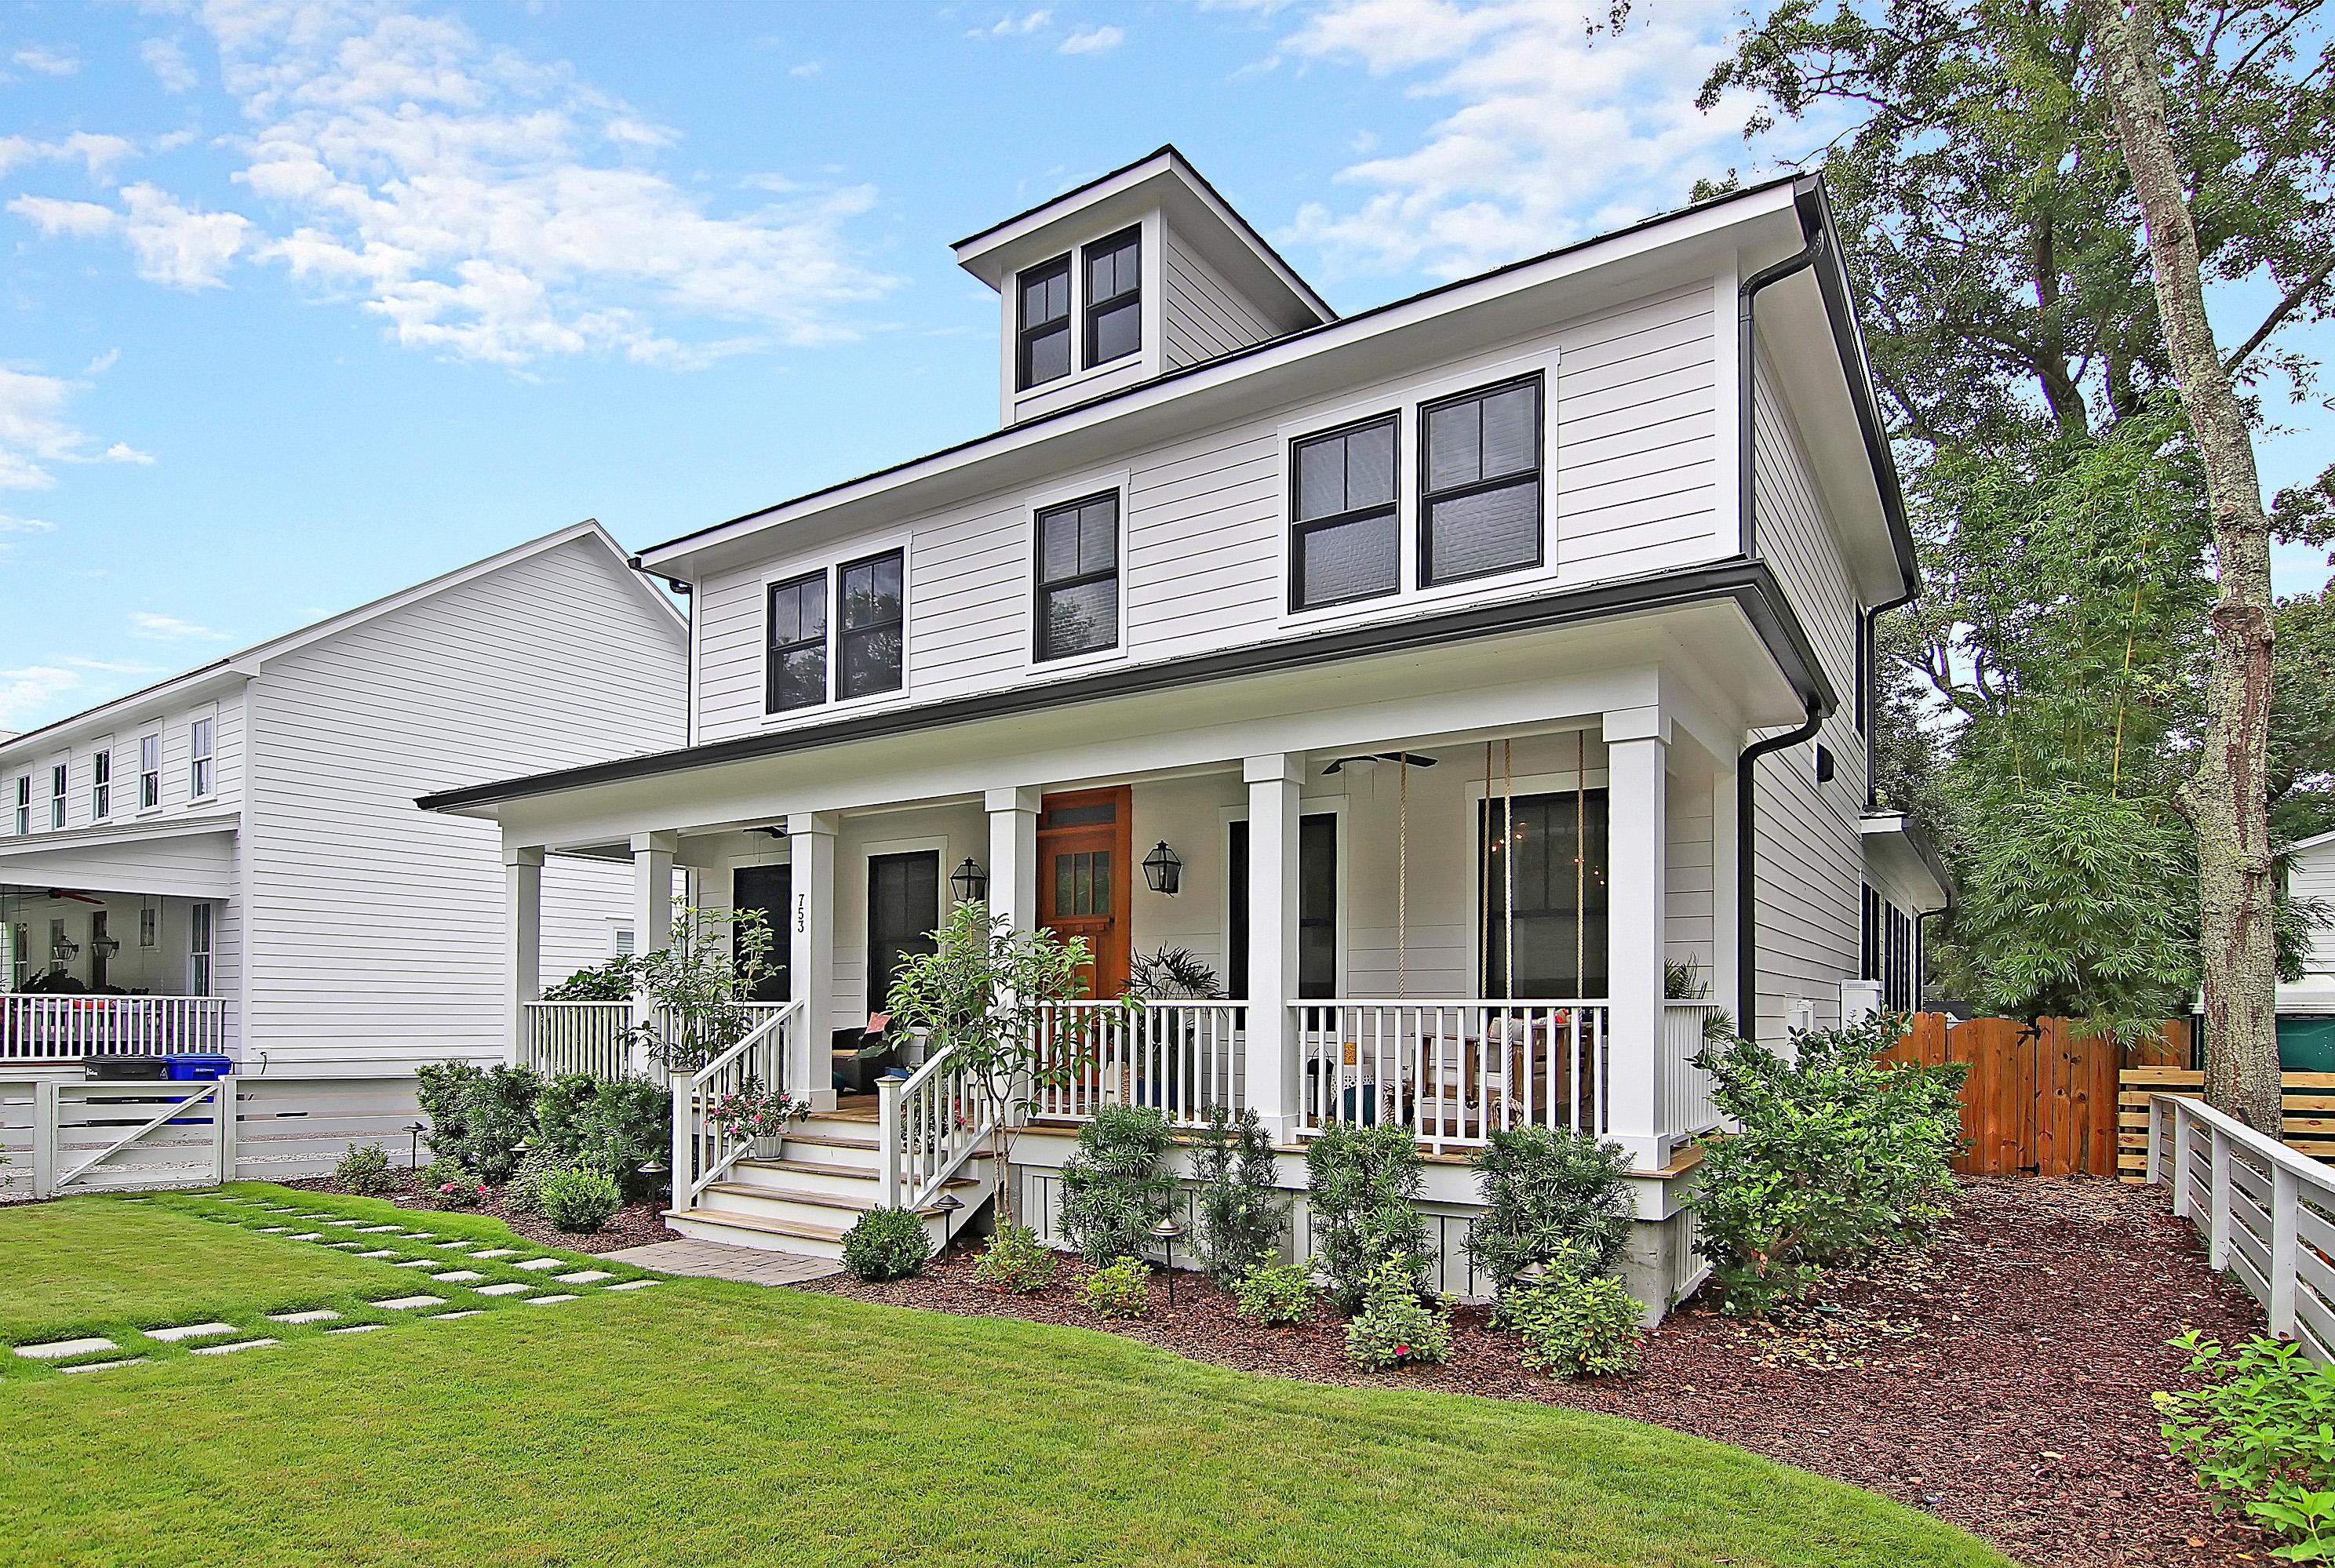 Old Mt Pleasant Homes For Sale - 753 Mccants, Mount Pleasant, SC - 51